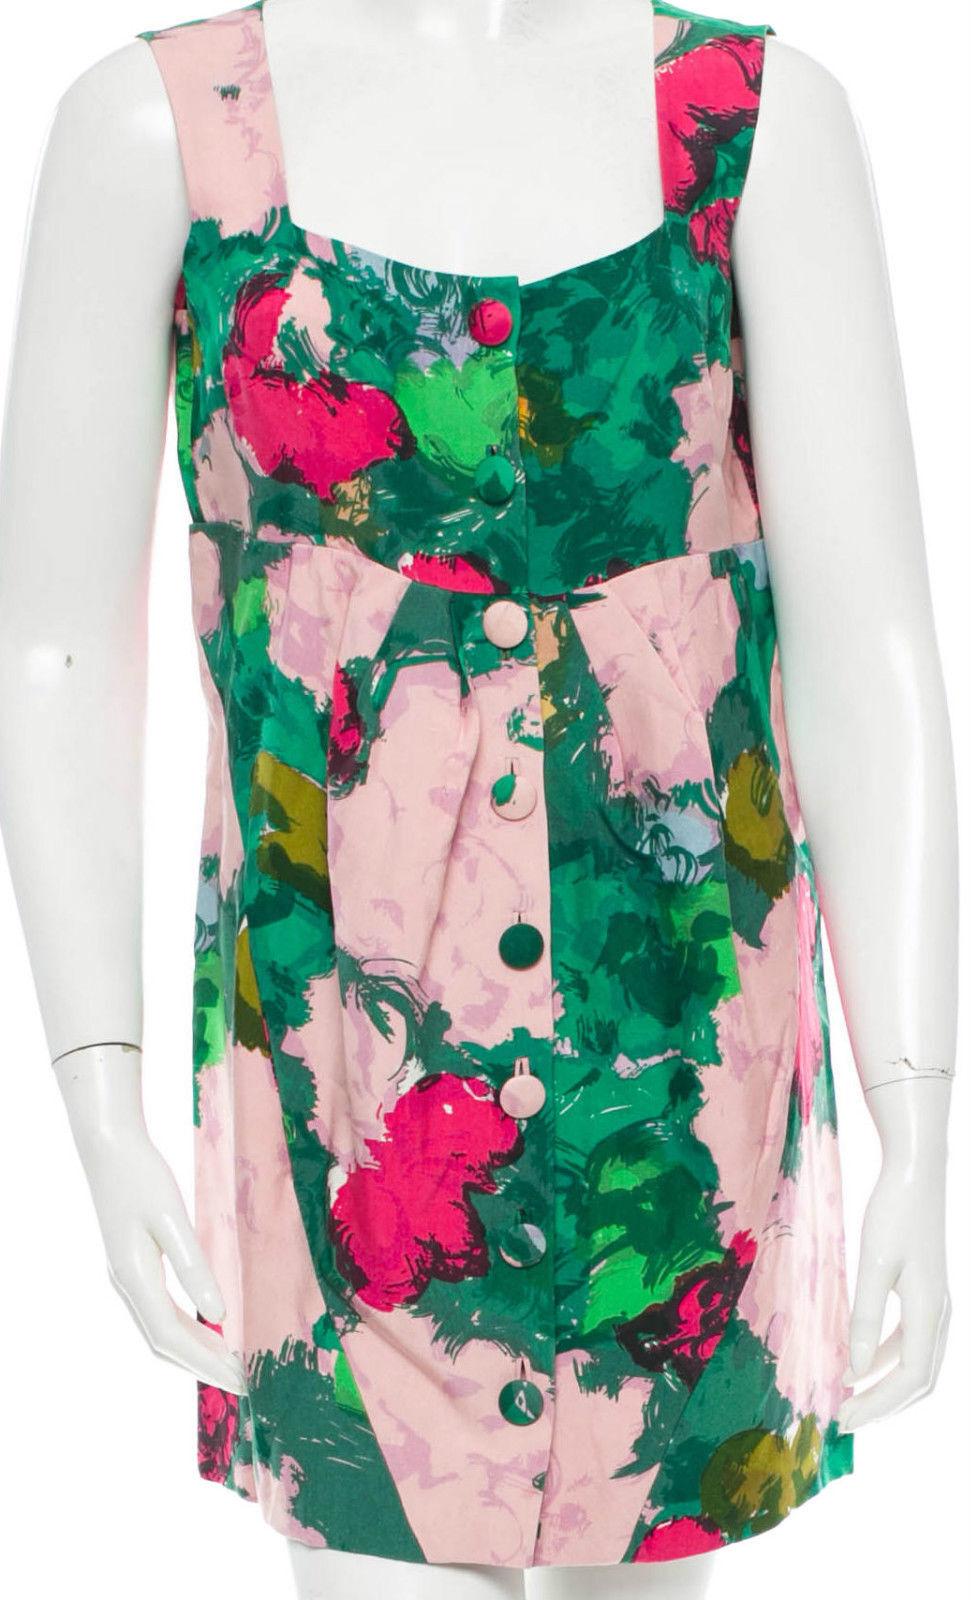 Balenciaga Floral Print Dress SZ FR 38 = Fits Fits Fits US S - NWOT 03ef0e